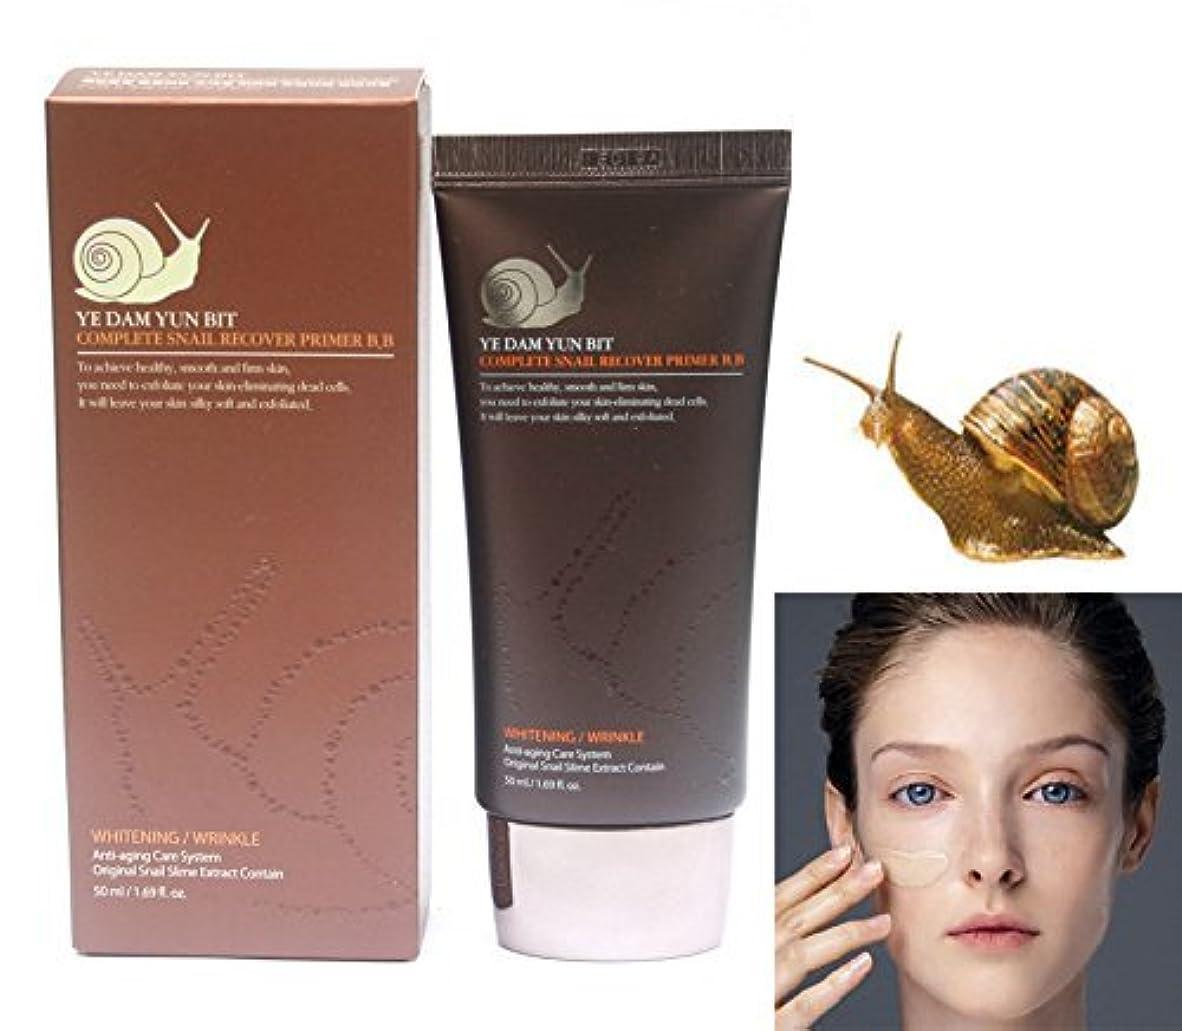 ブレンド返還通知する[YEDAM YUNBIT] 完全なカタツムリ?リカバリー?プライマーBB 50ml /韓国化粧品 / Complete Snail Recover Primer BB 50ml / Korean Cosmetics (...